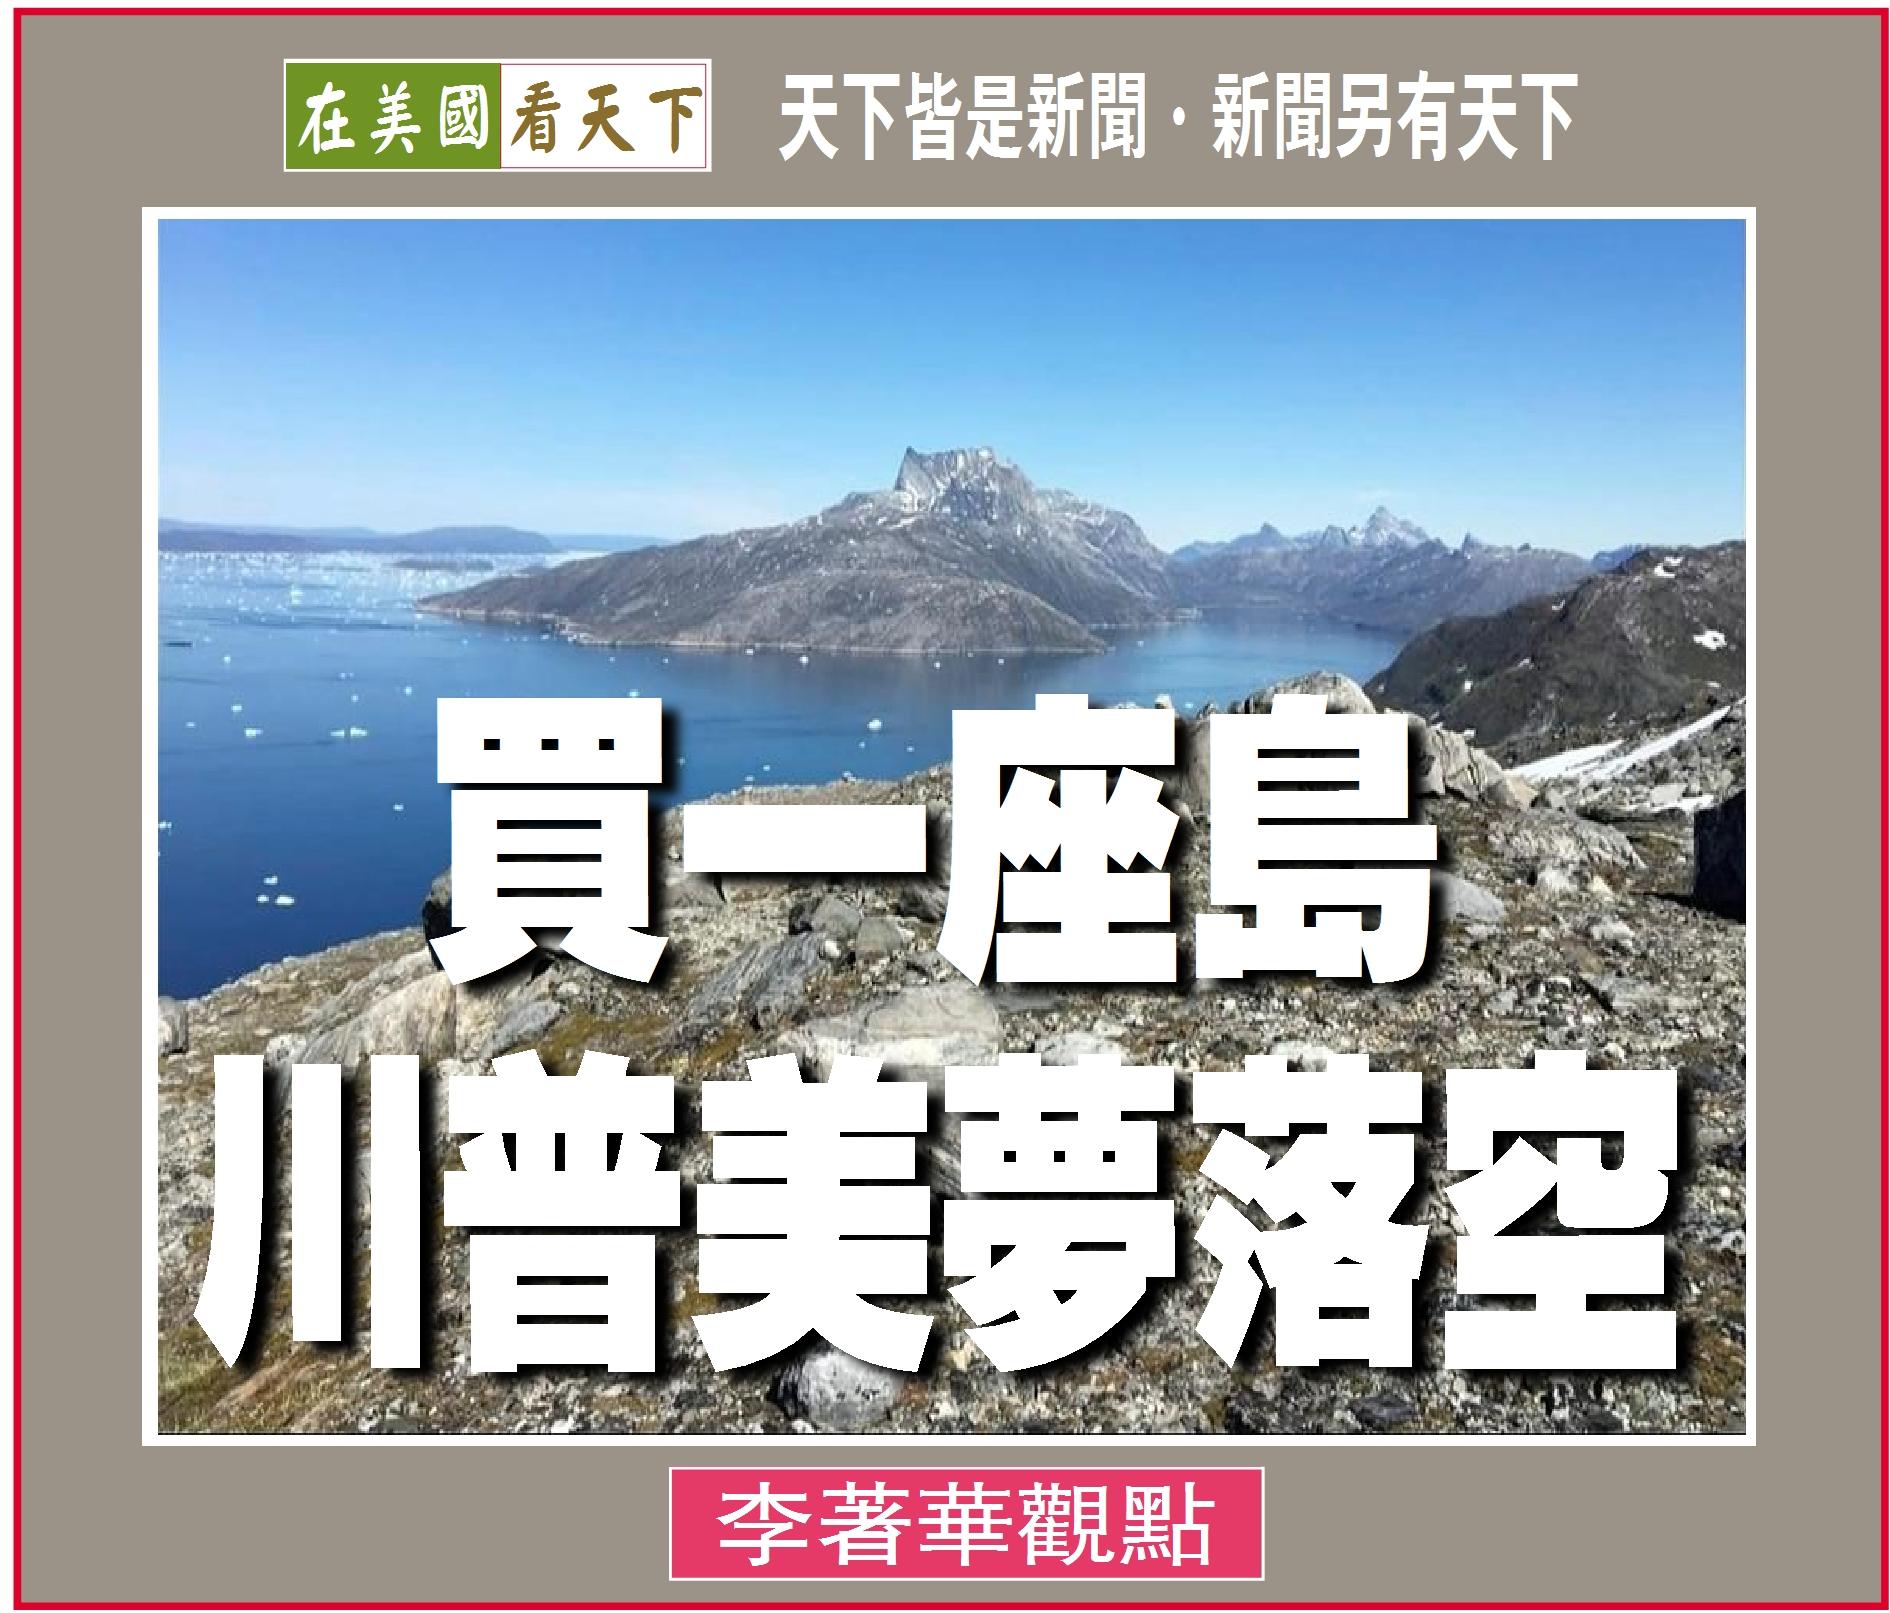 082019-買一座島,川普美夢落空-1.jpg